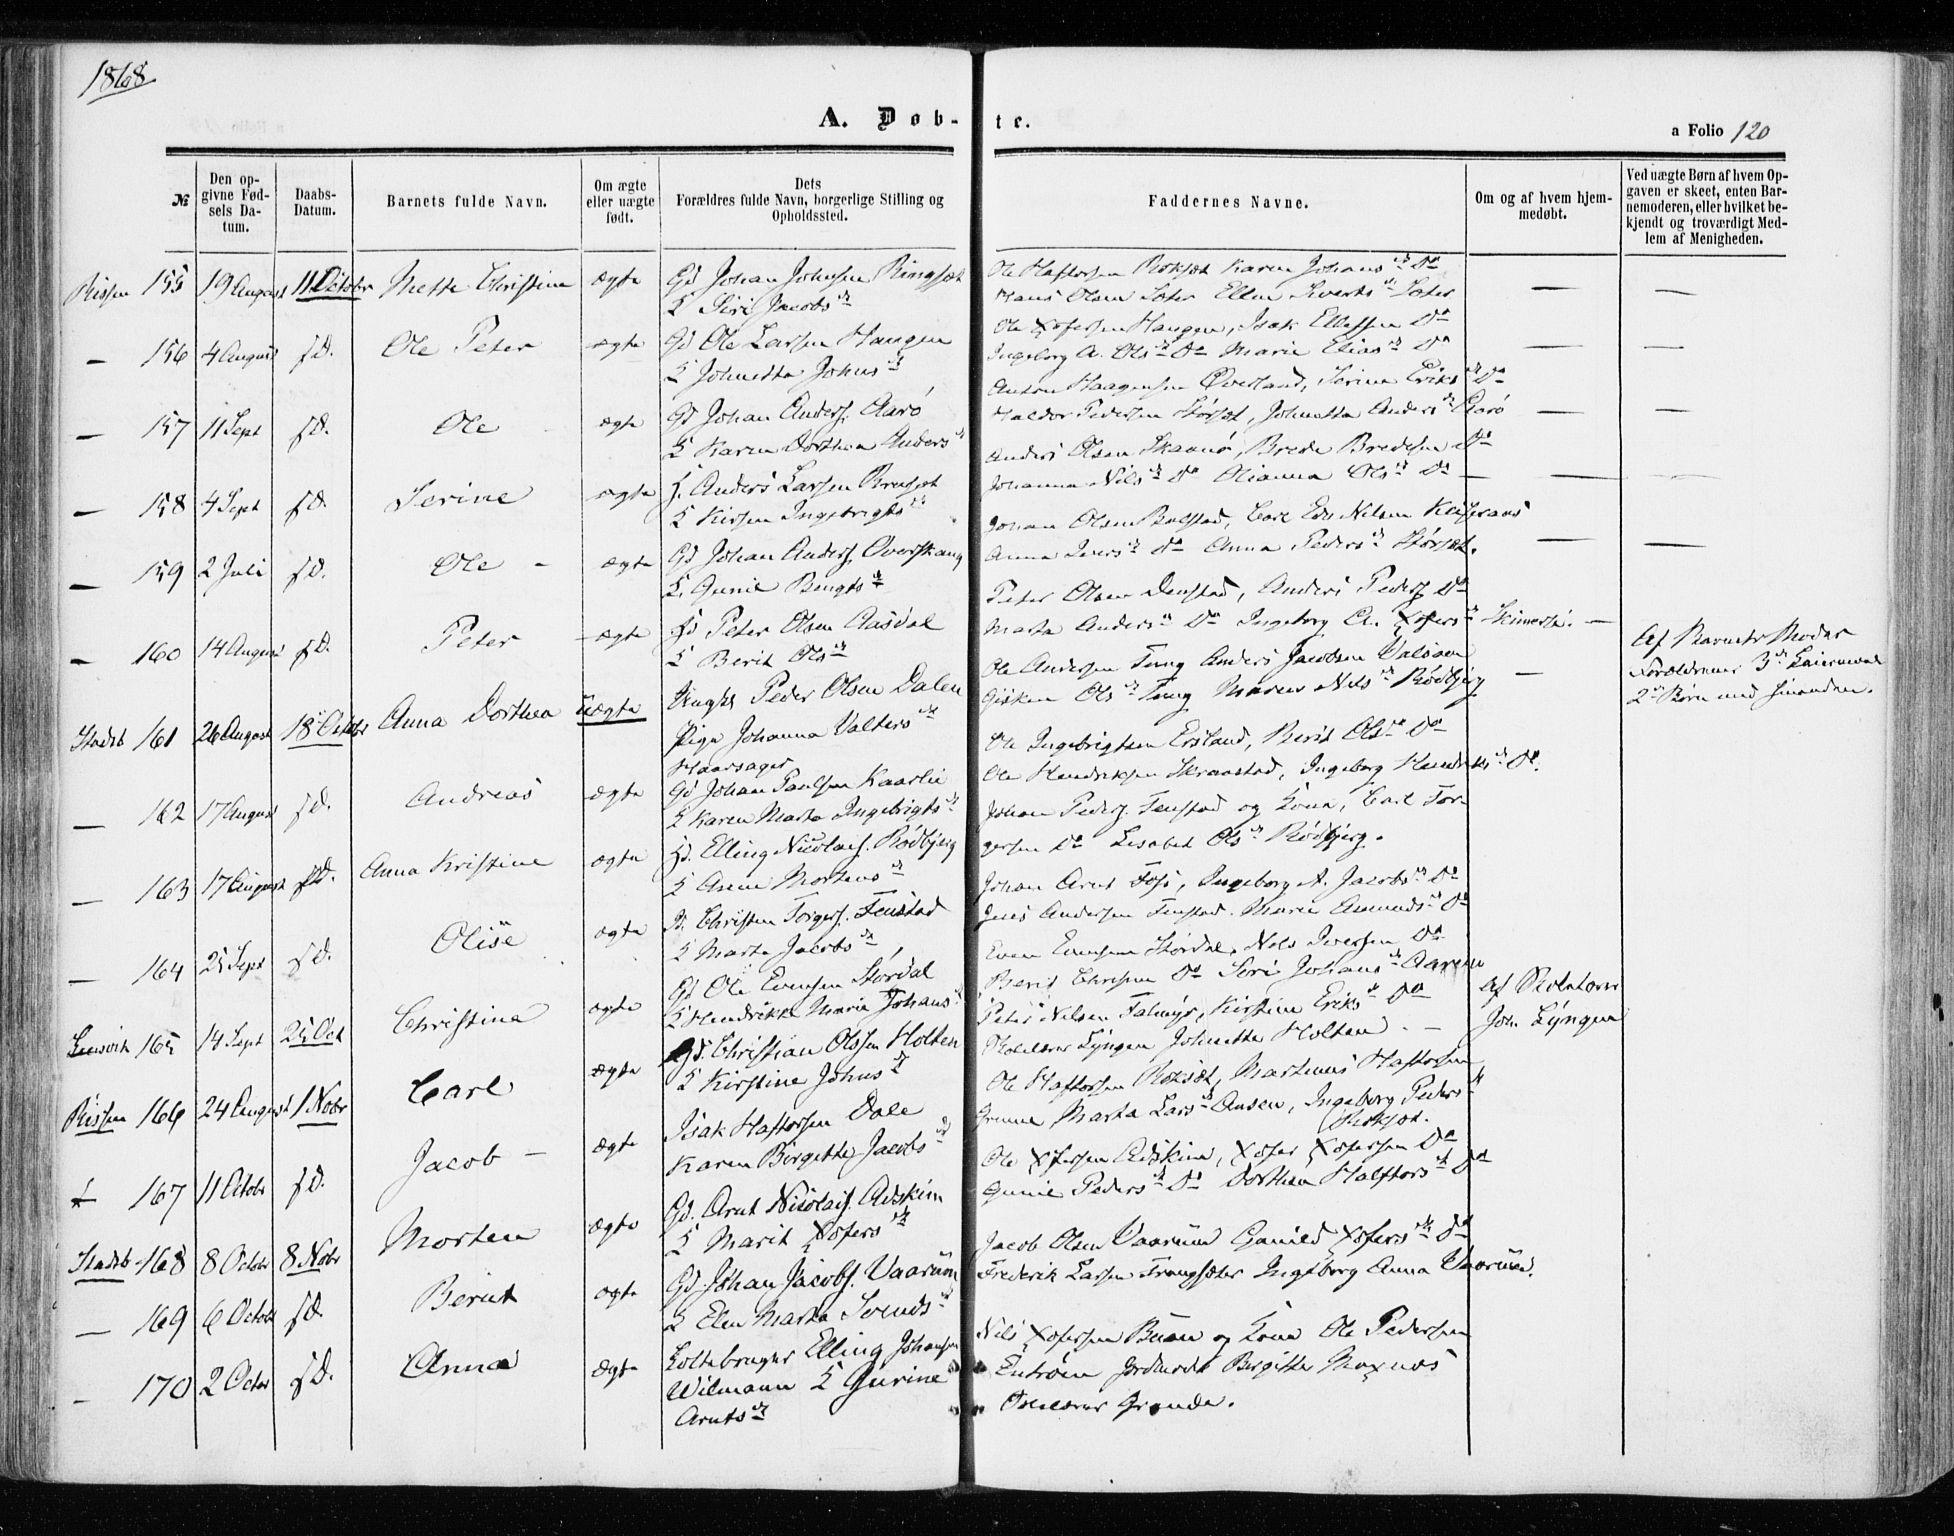 SAT, Ministerialprotokoller, klokkerbøker og fødselsregistre - Sør-Trøndelag, 646/L0612: Ministerialbok nr. 646A10, 1858-1869, s. 120